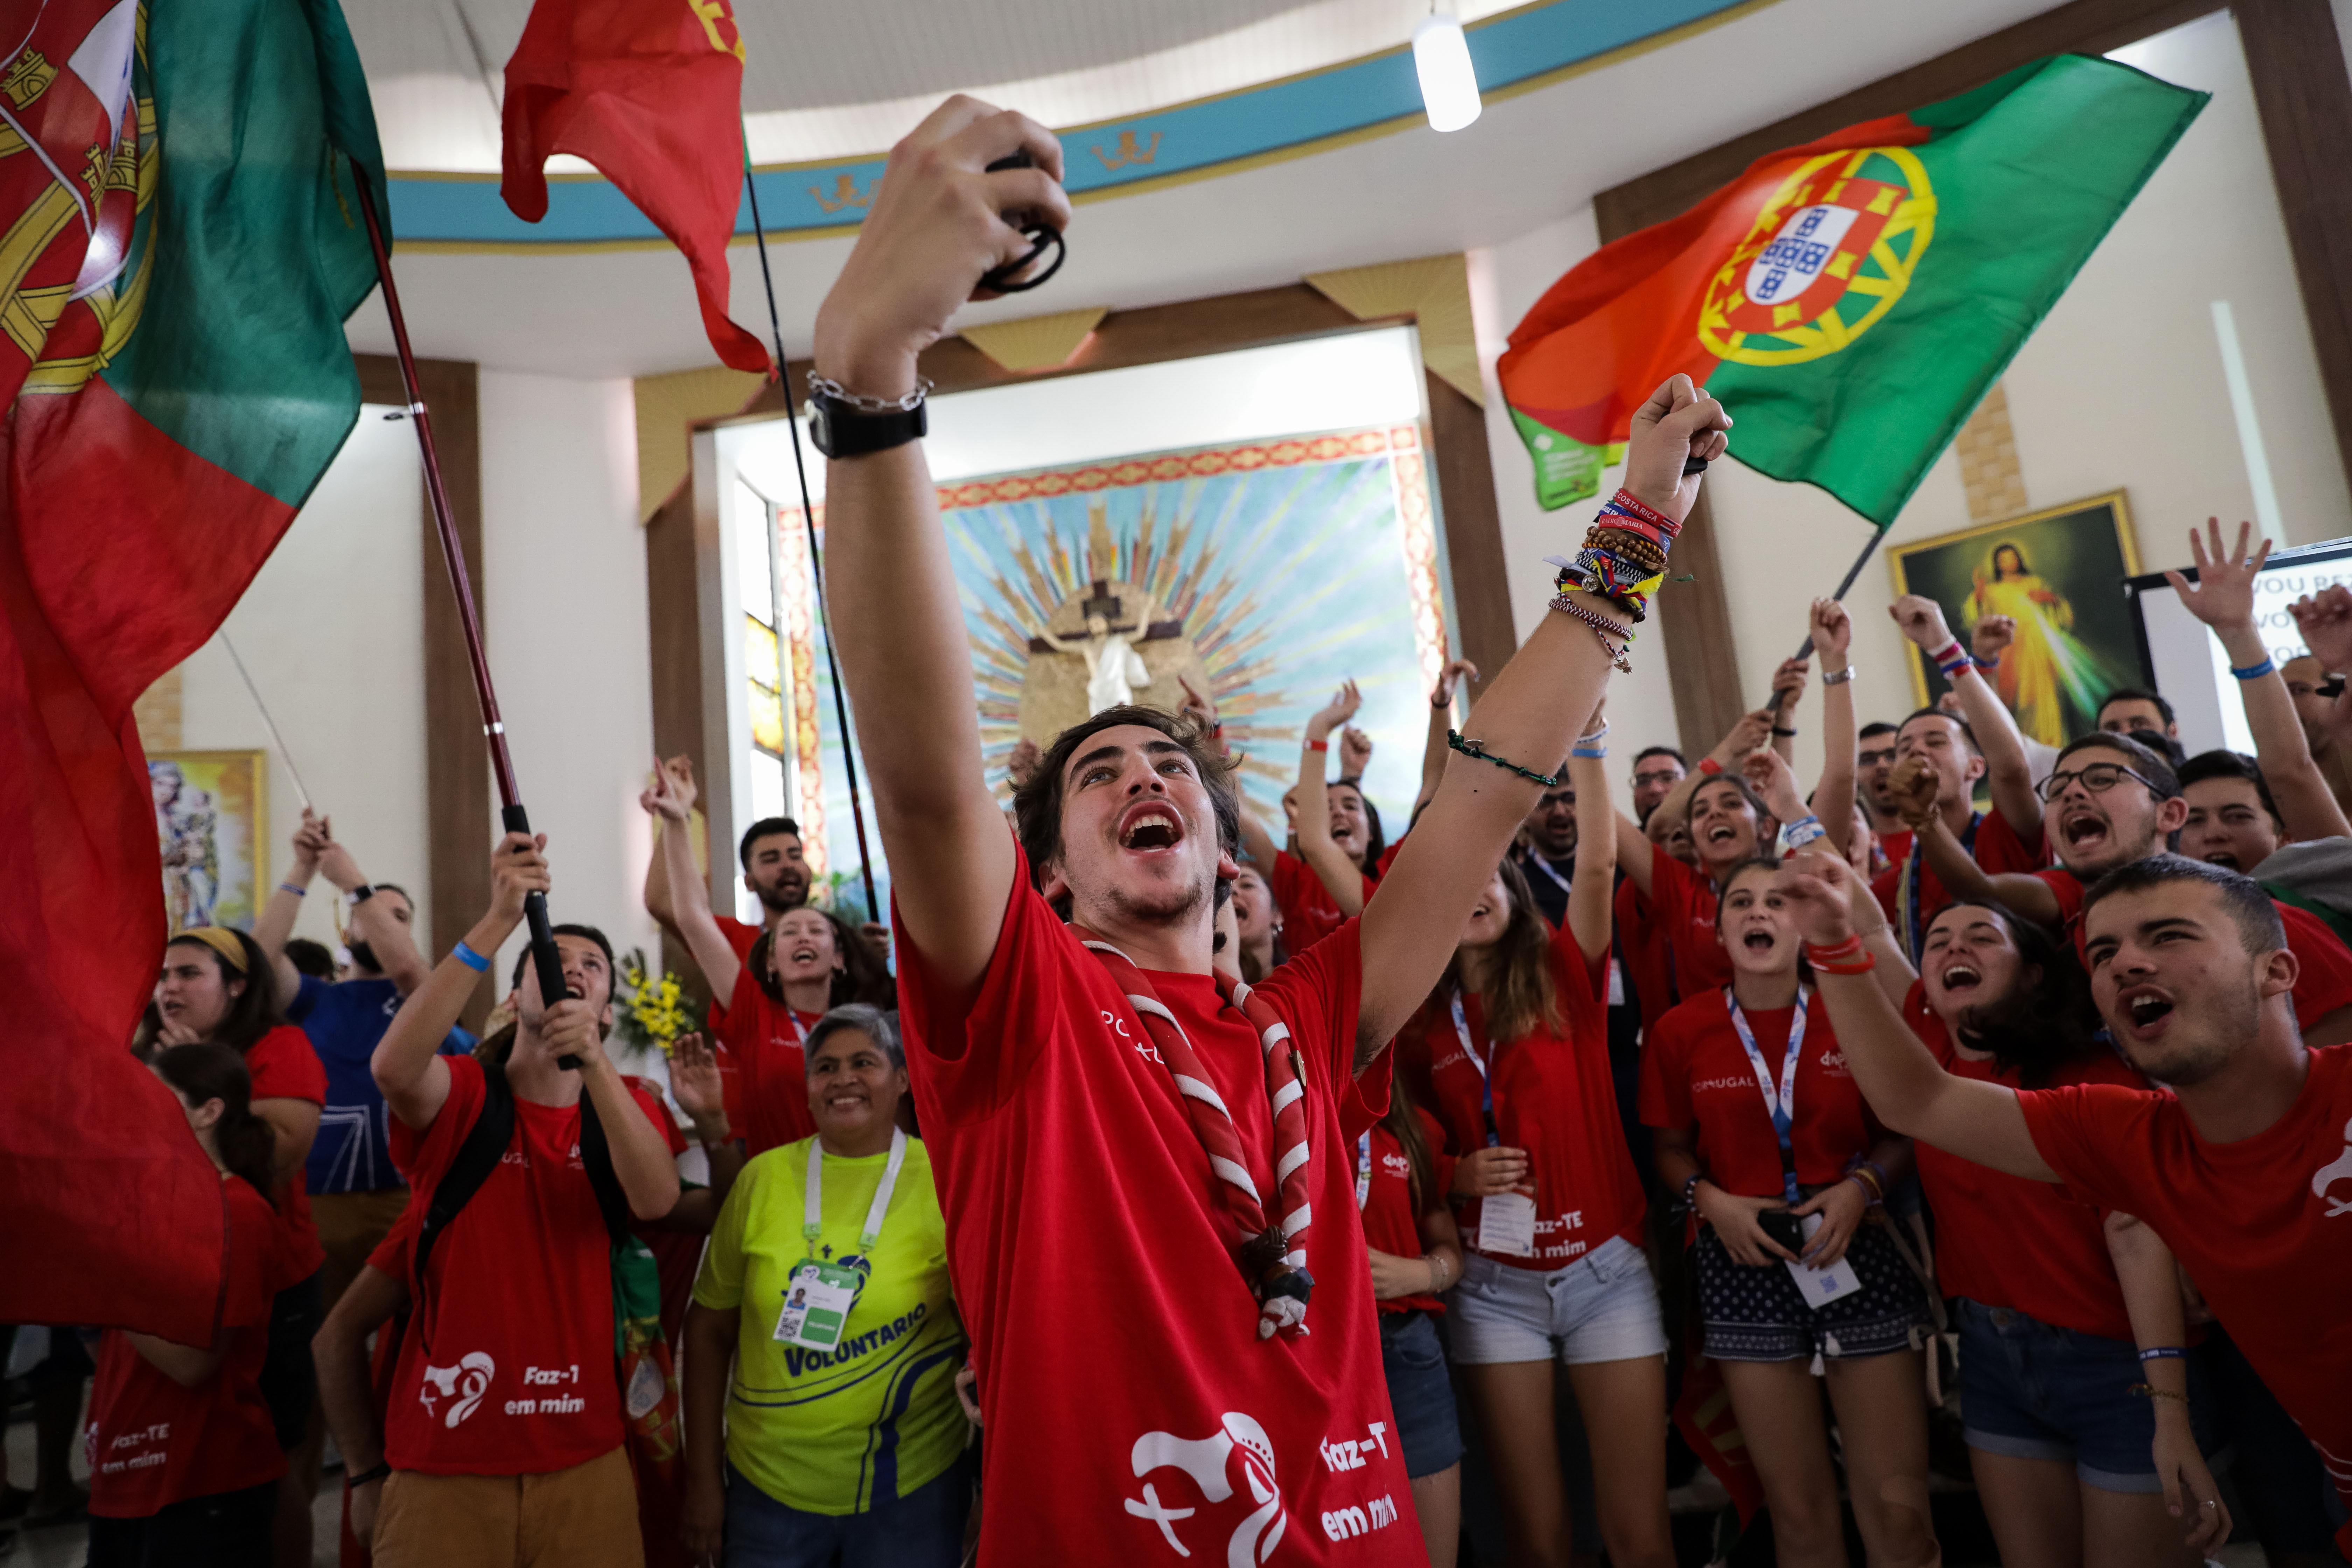 Loures aponta Parque Tejo para acolher Jornadas da Juventude